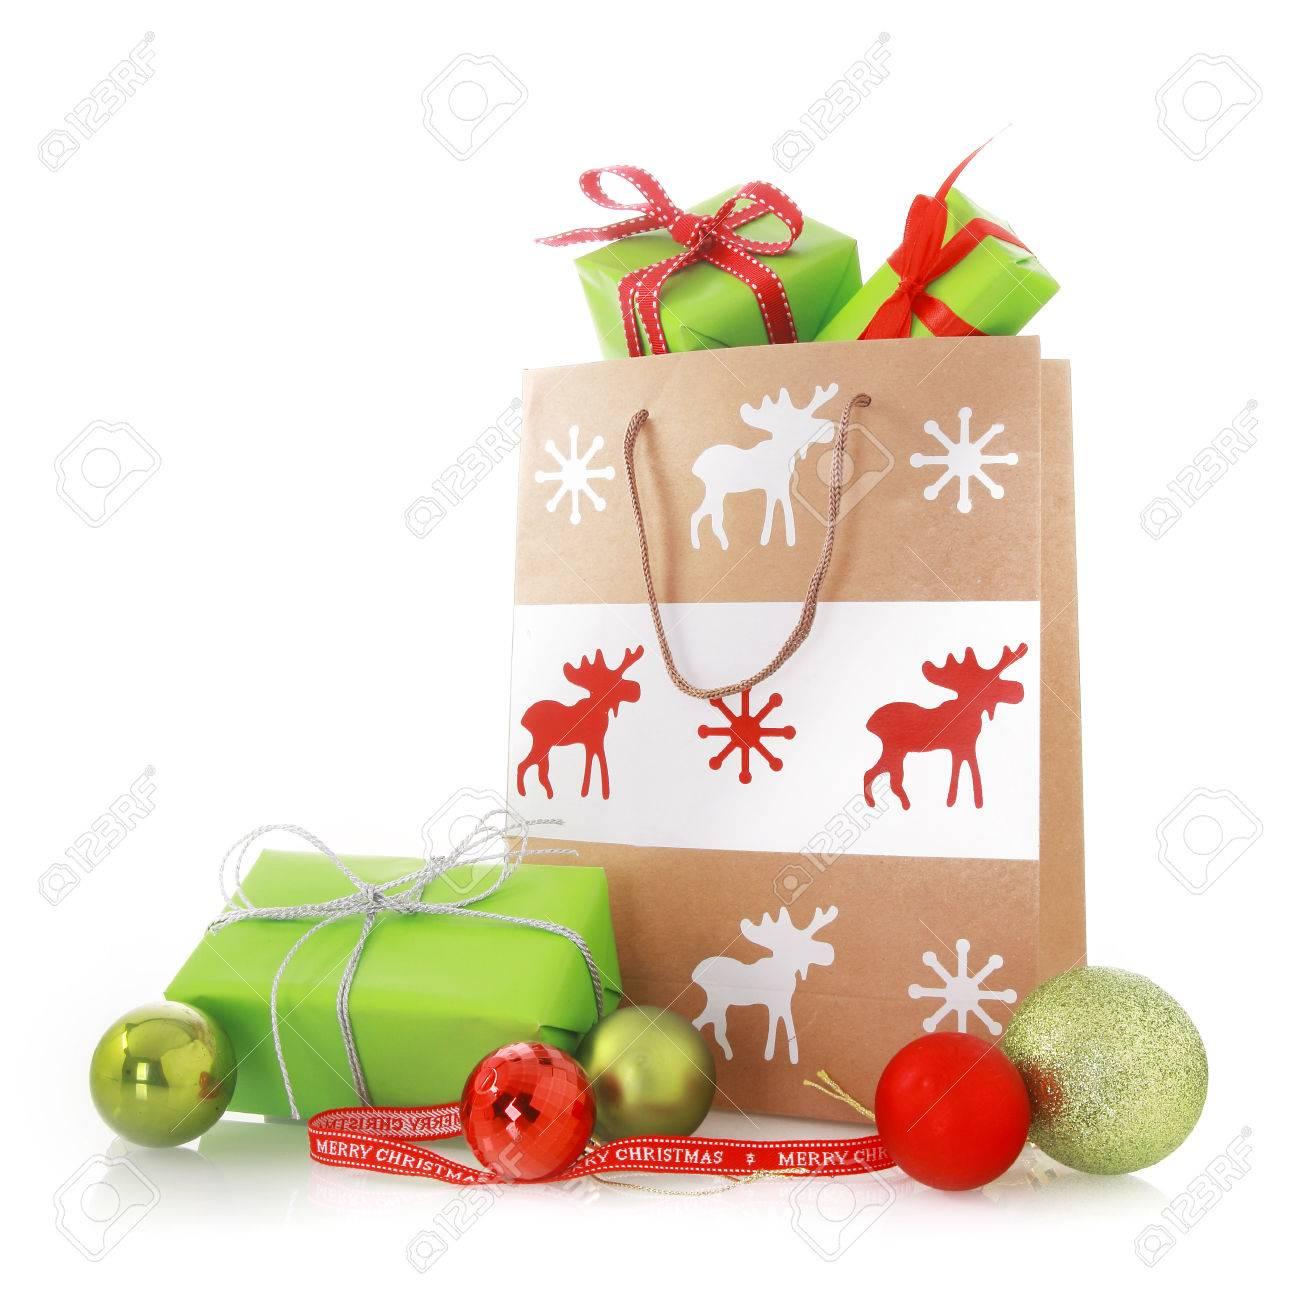 Close Up Schöne Weihnachten Geschenk-Taschen Mit Grün Und Rot ...